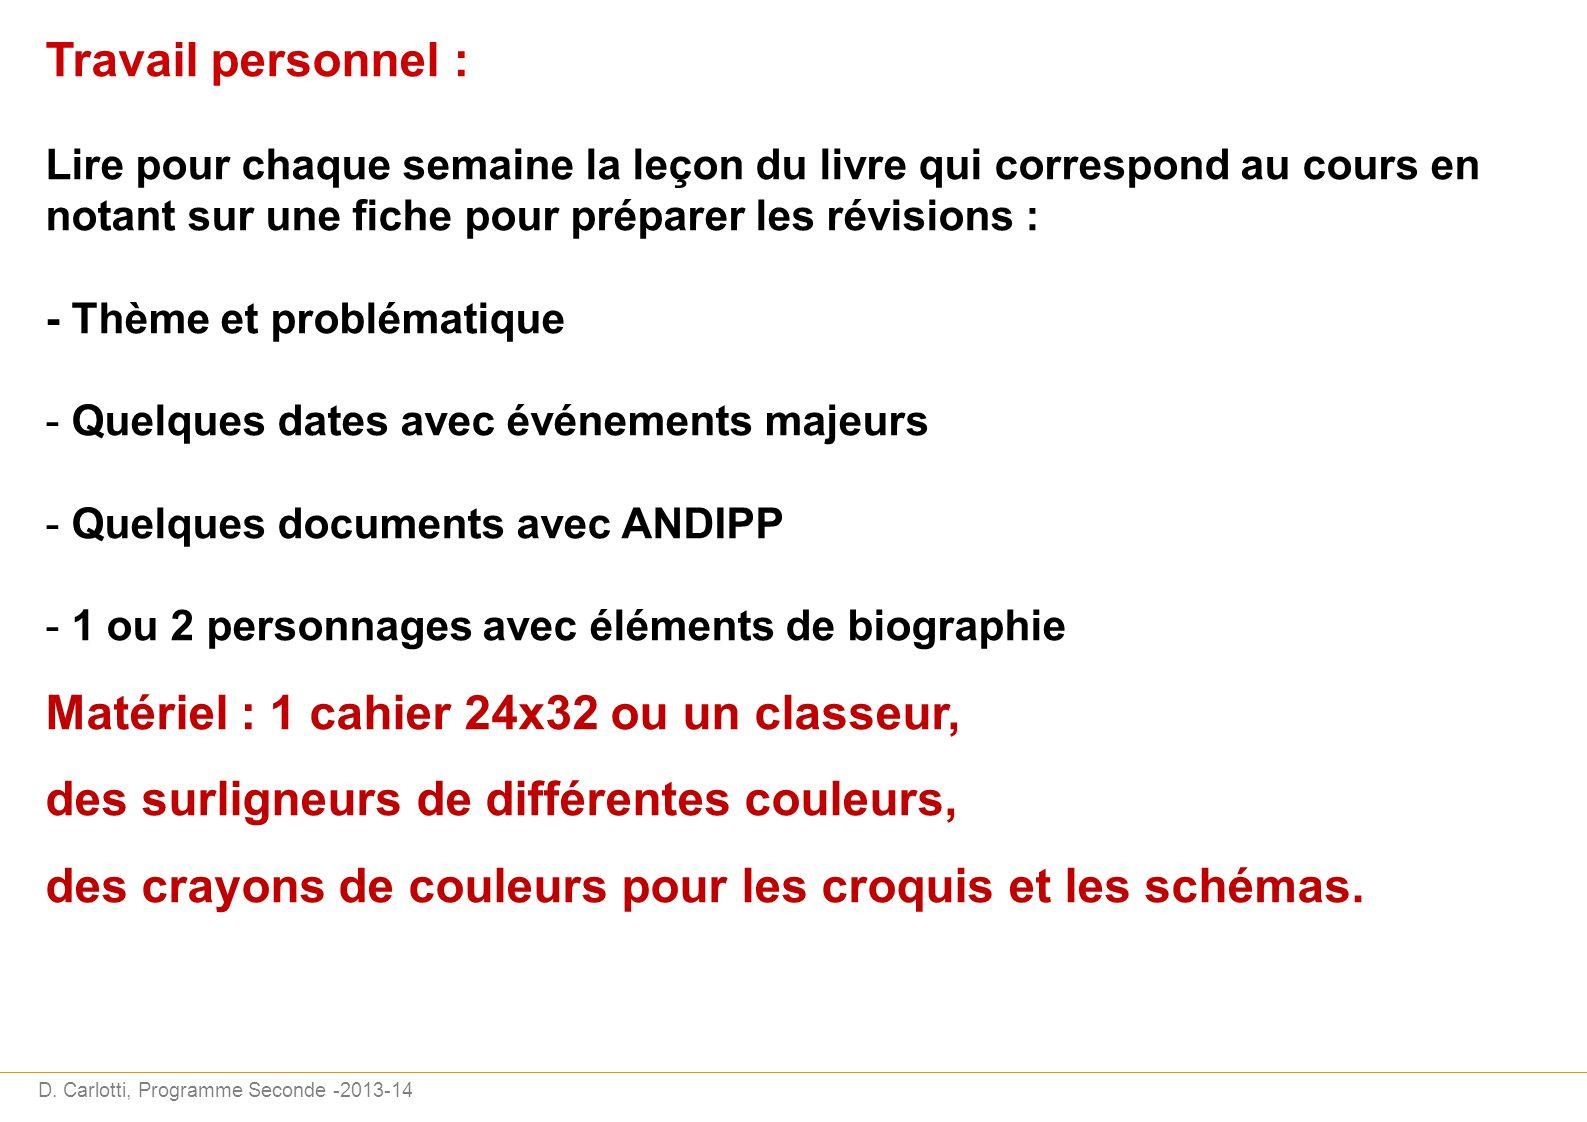 D. Carlotti, Programme Seconde -2013-14 Travail personnel : Lire pour chaque semaine la leçon du livre qui correspond au cours en notant sur une fiche